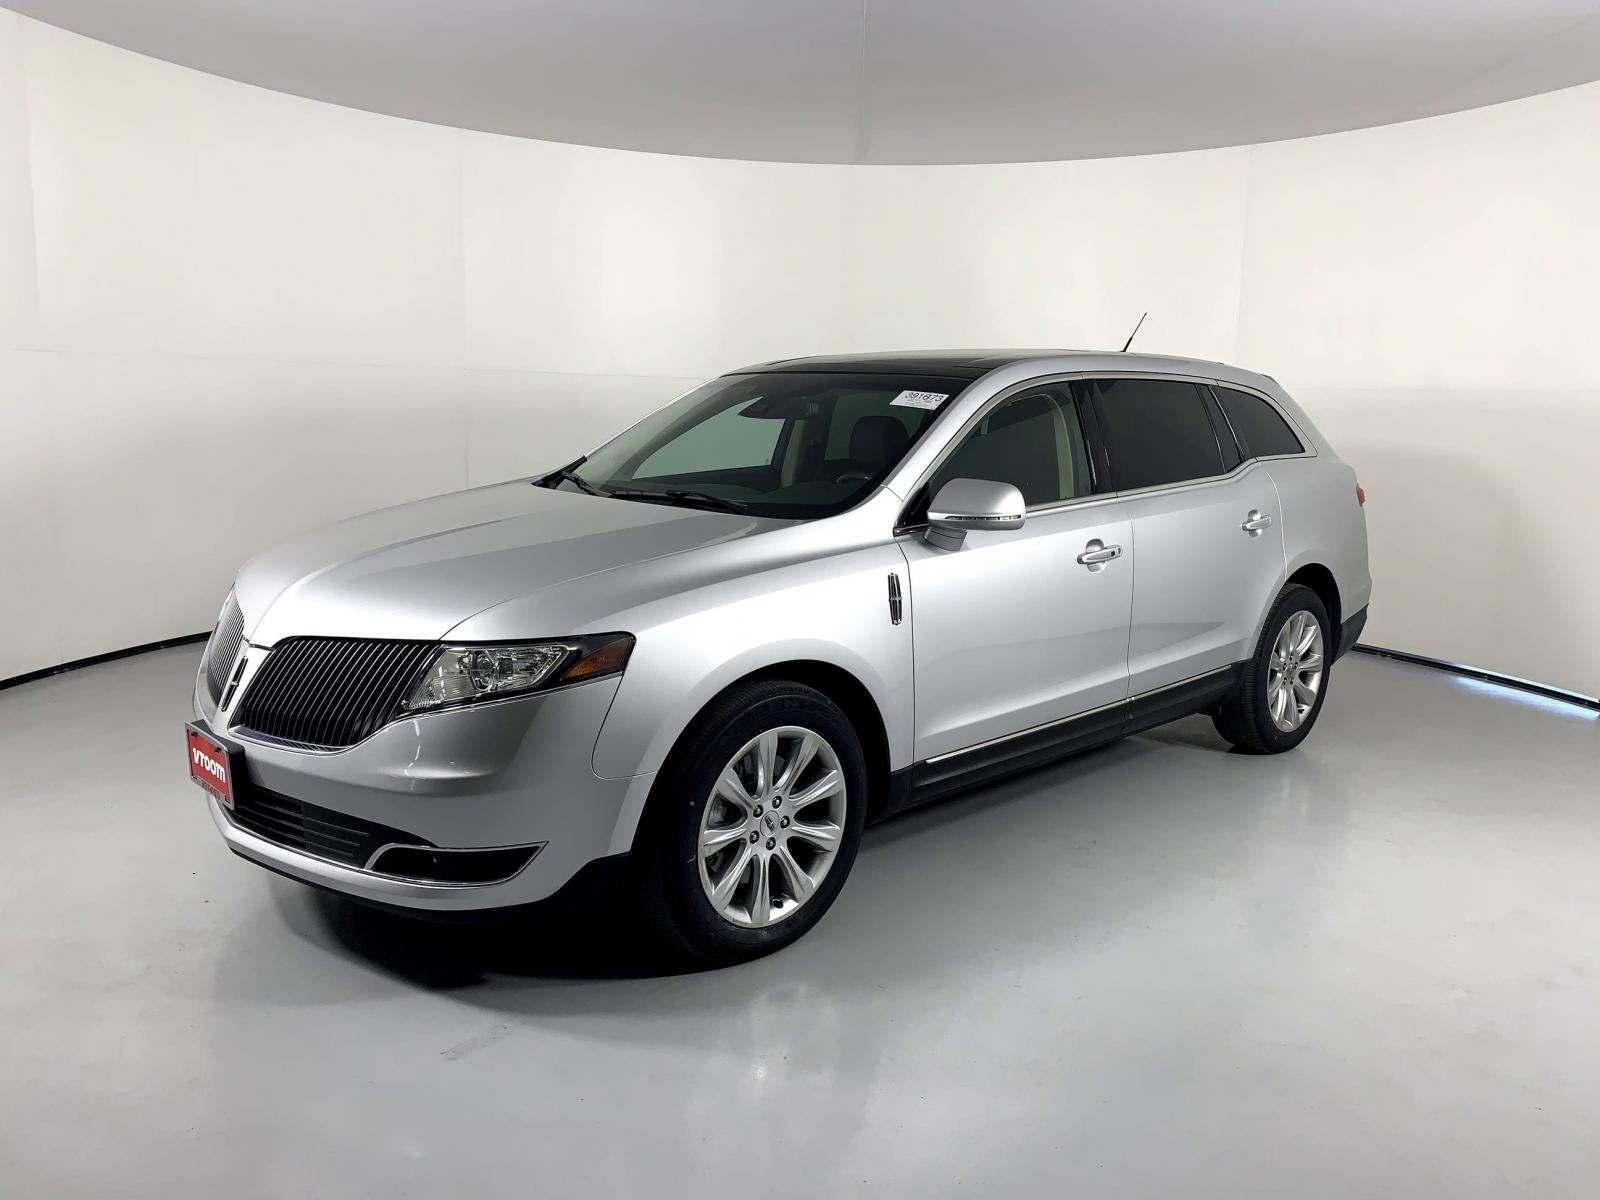 2016 Lincoln Mkt >> Used 2016 Lincoln Mkt For Sale 22 810 Vroom